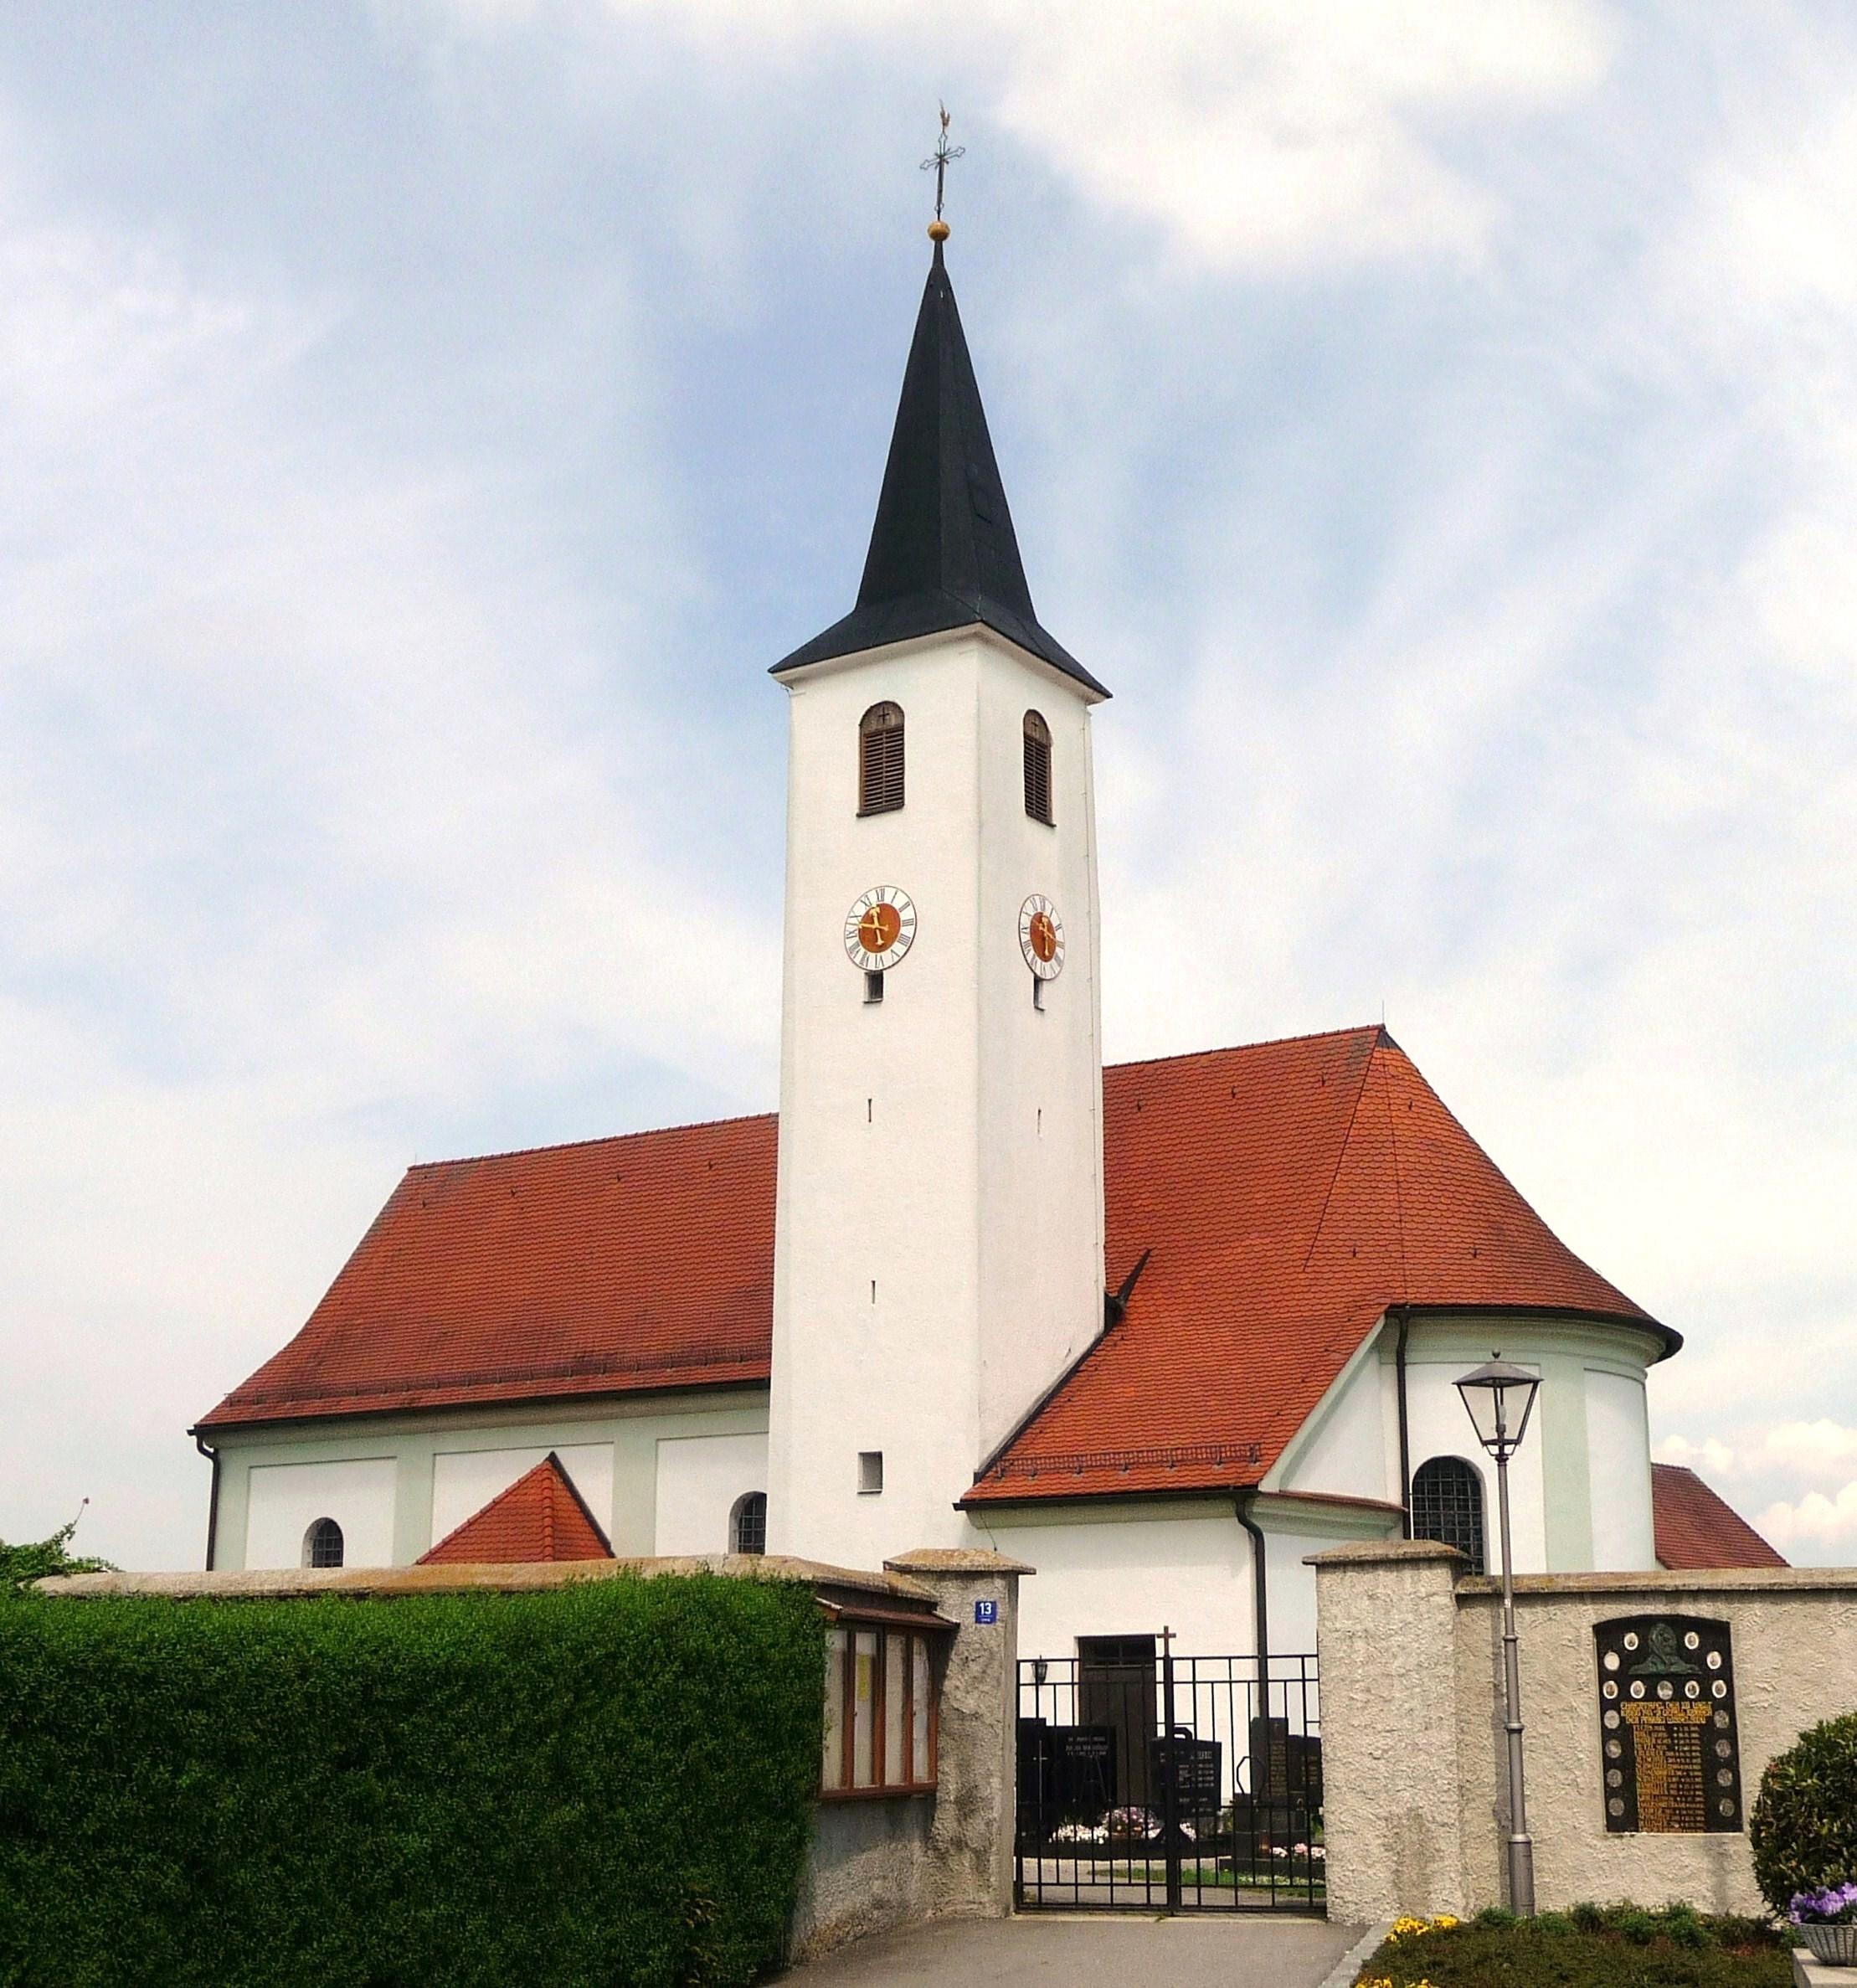 Pfarrkirche Wisselsing